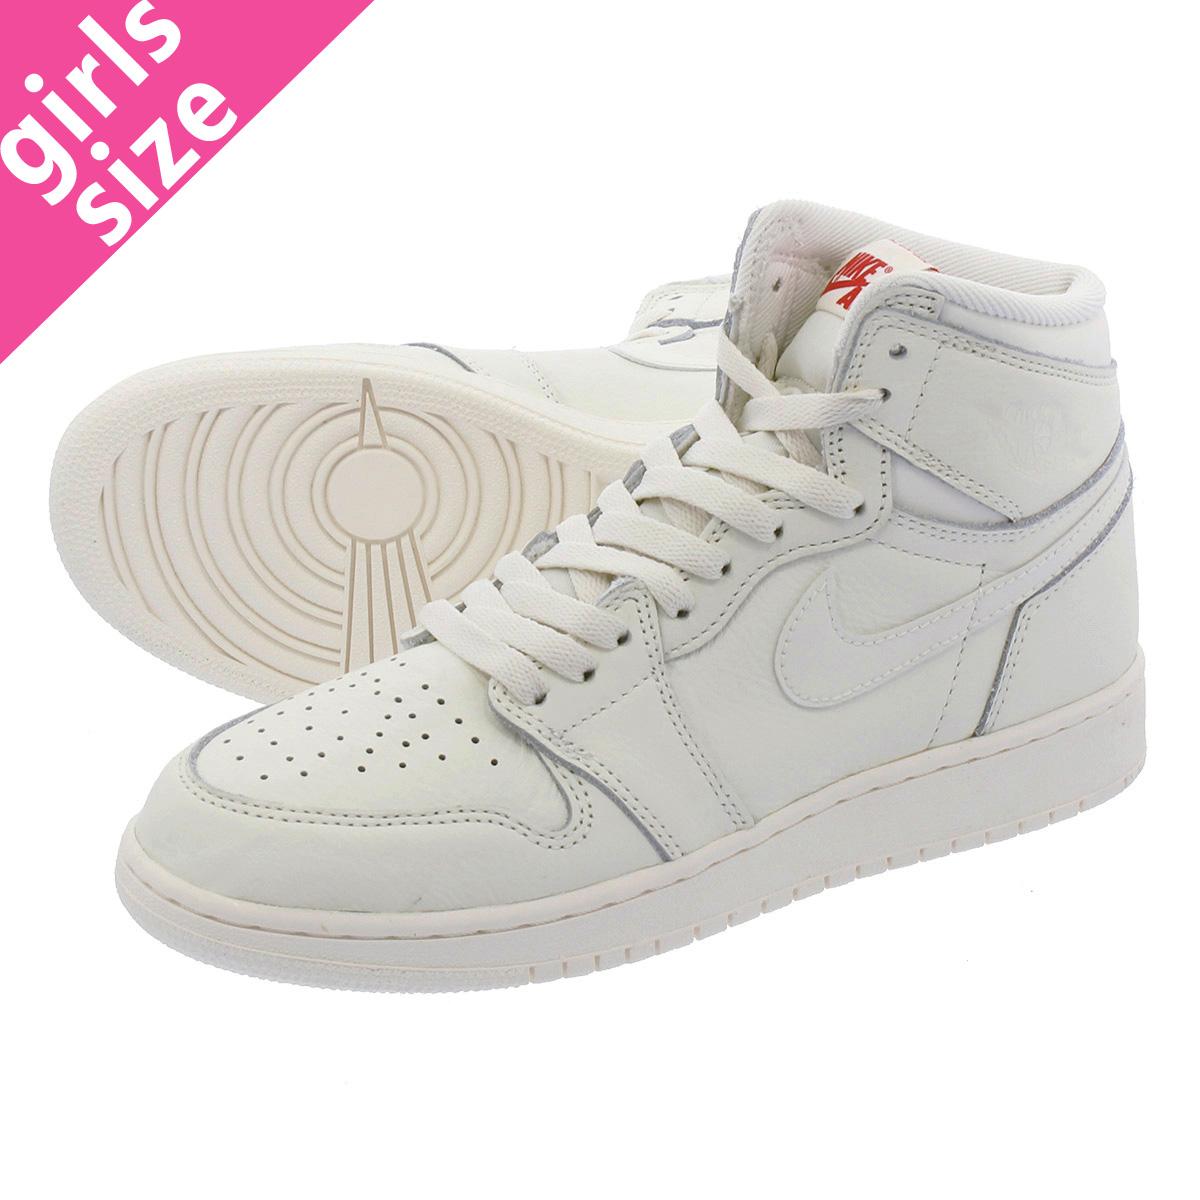 22de21e144a4 NIKE AIR JORDAN 1 RETRO HIGH OG BG Nike Air Jordan 1 nostalgic high OG BG  SAIL UNIVERSITY RED 575